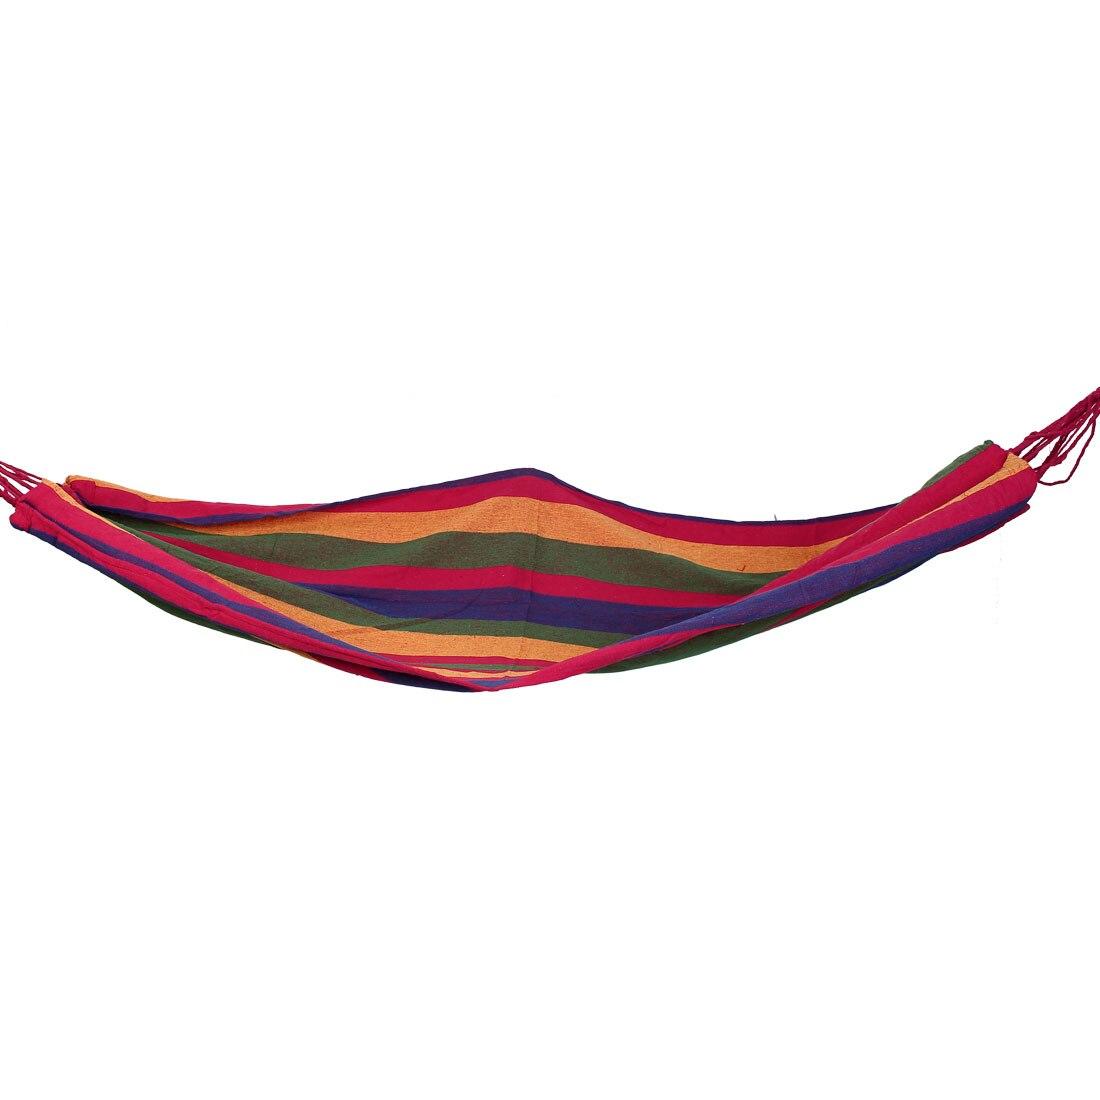 Путешествие Outdoor Garden Camping Colorfull раздевает гамак холста, спя кровать 280Cmx82 см W нейлоновая группа